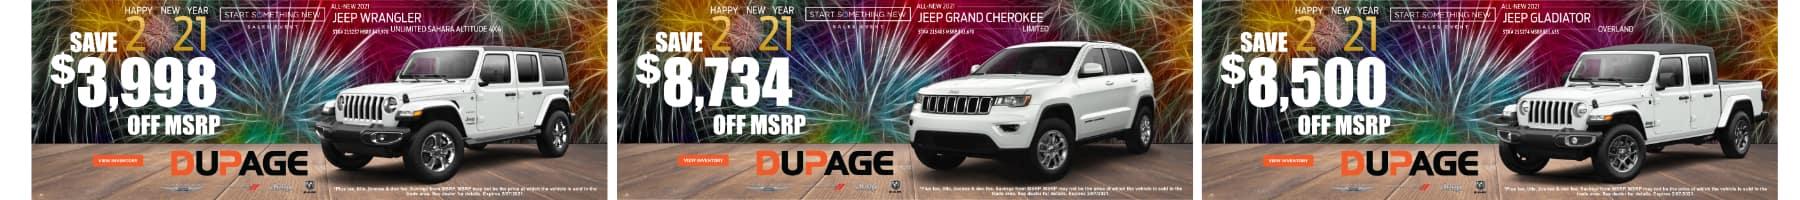 DuPage_VRP_1800x200_Jan-2020_v5